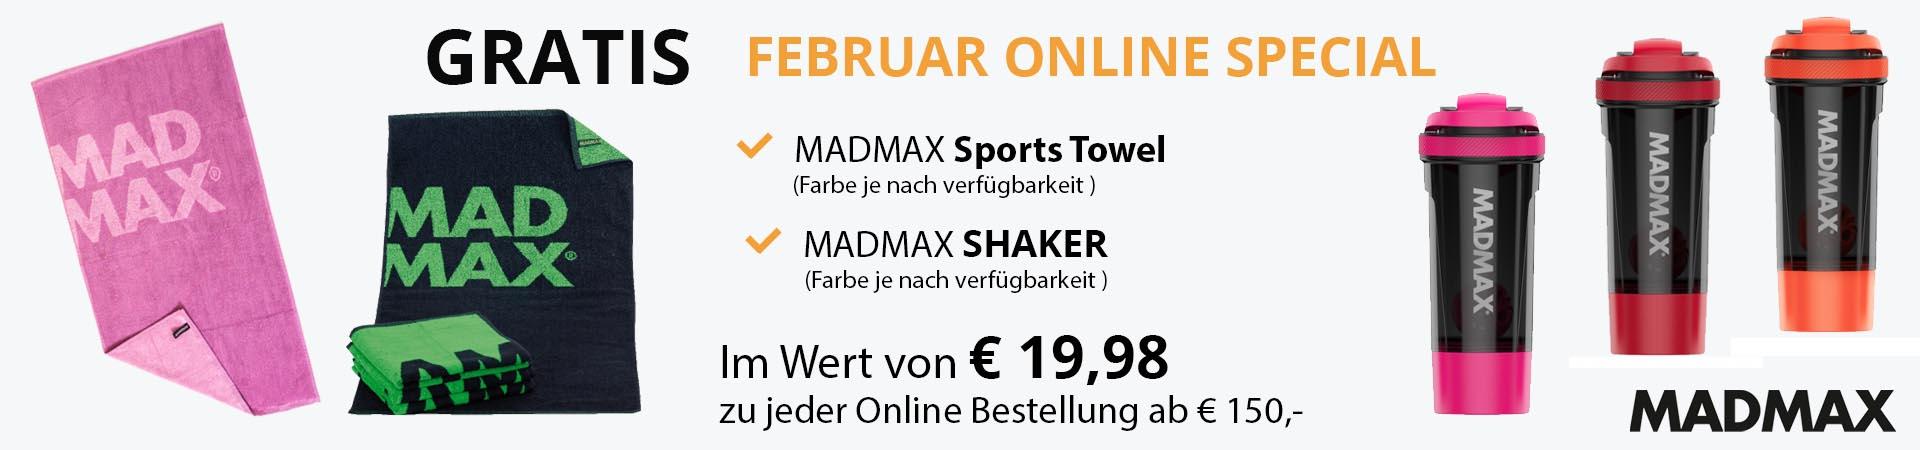 Februar Online Special